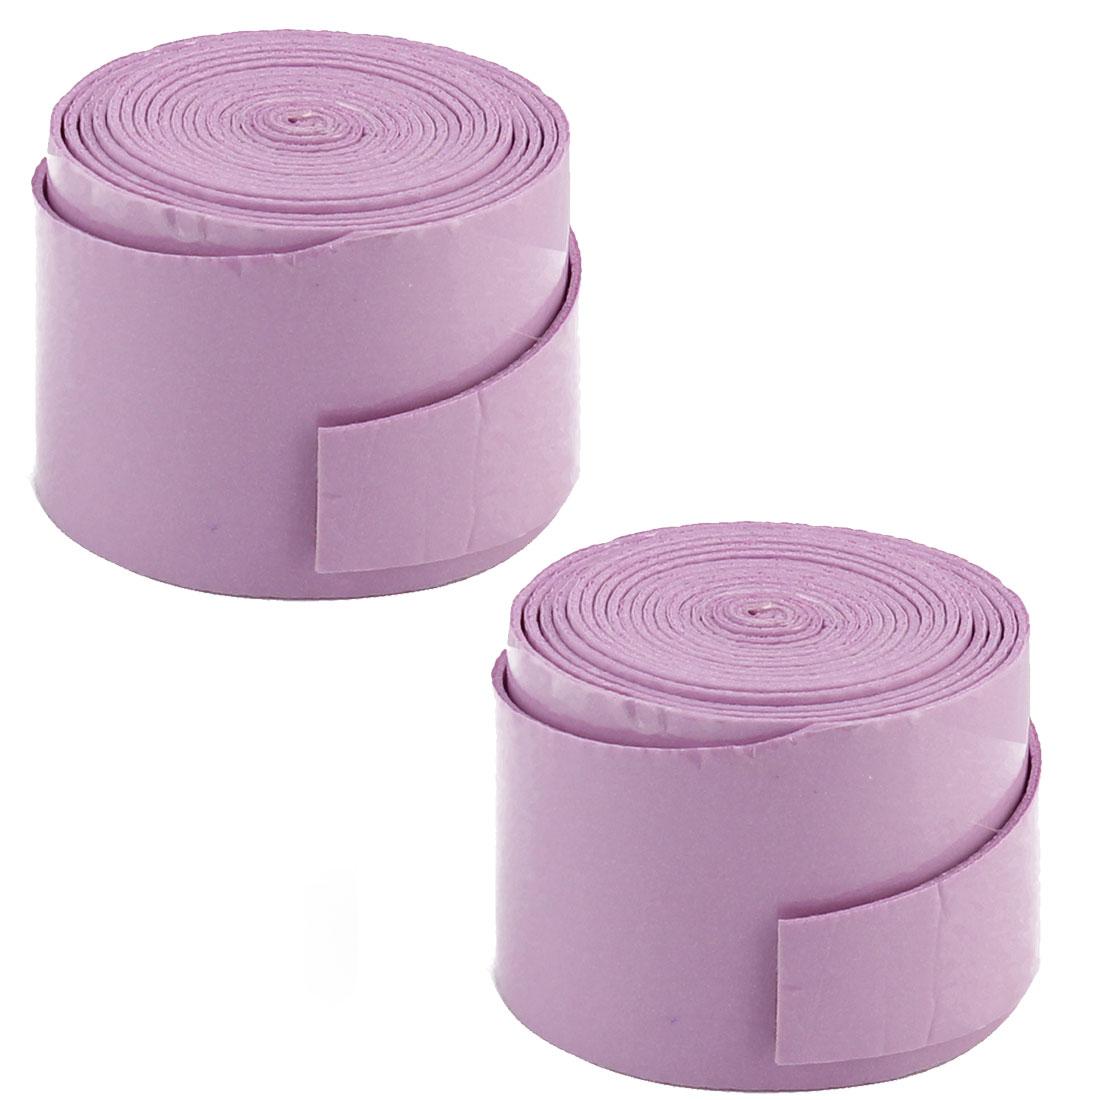 Badminton Foam Racket Handle Sweat Absorbing Wrap Over Grip Tape Light Purple 2 Pcs